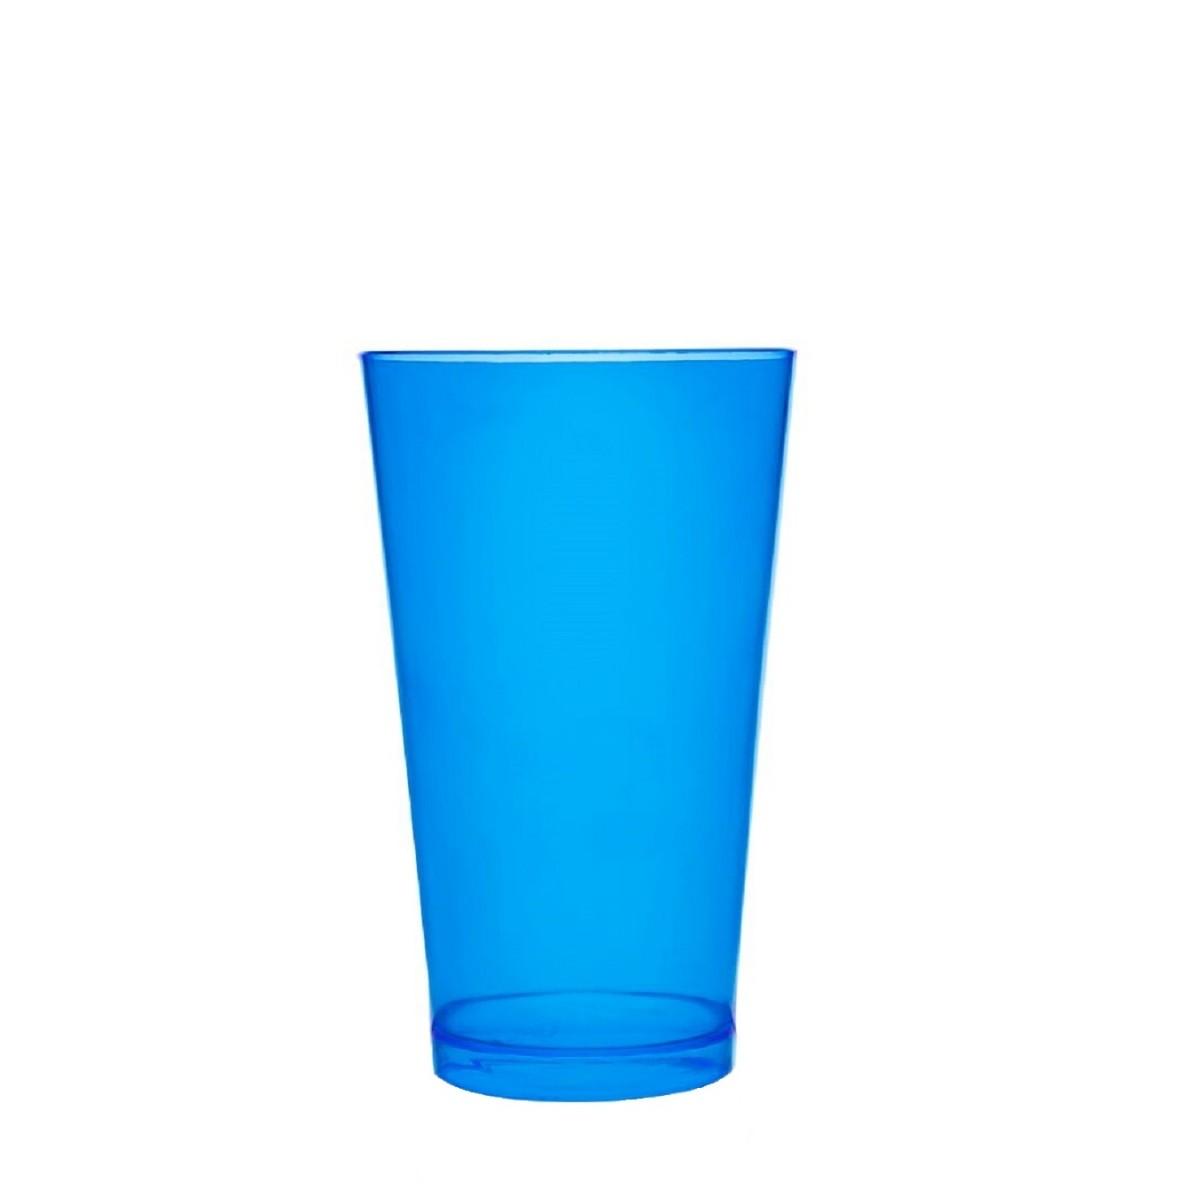 Copo Acrilico Caldereta 500ml Transparente Azul Neon Bezavel